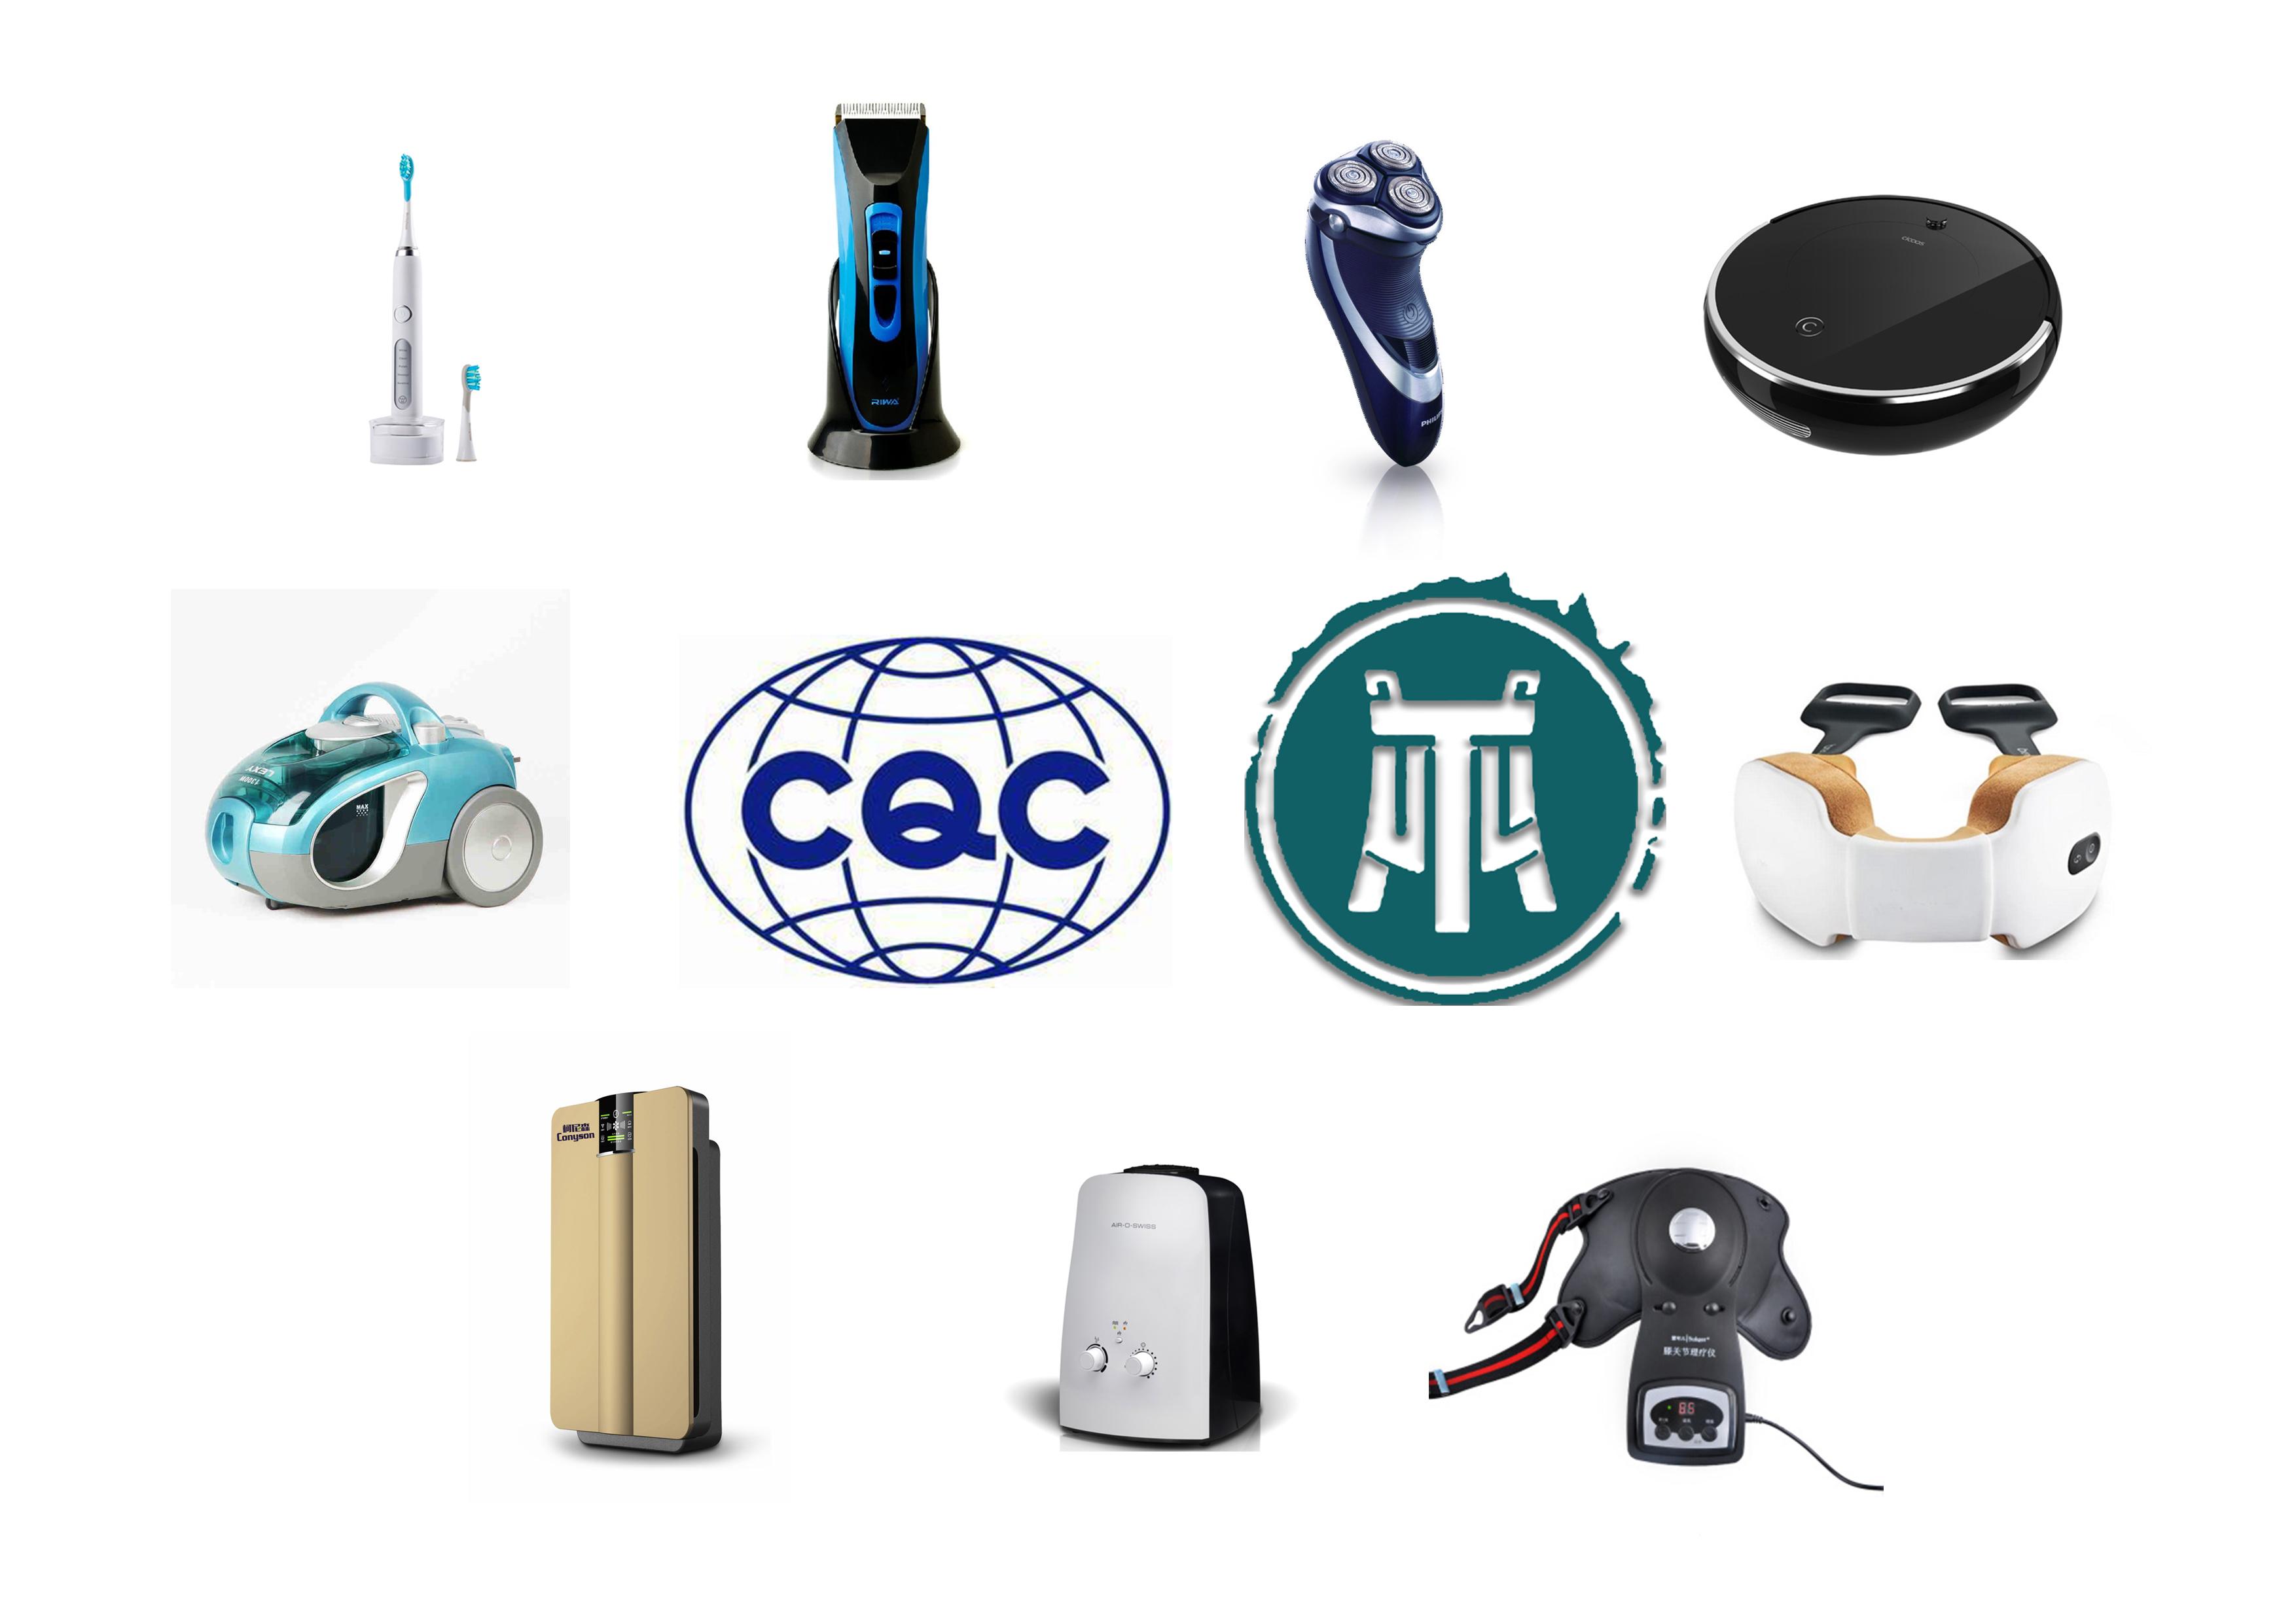 CQC家用锂离子电池和电池组安全认证技术规范5月11日起开始实施